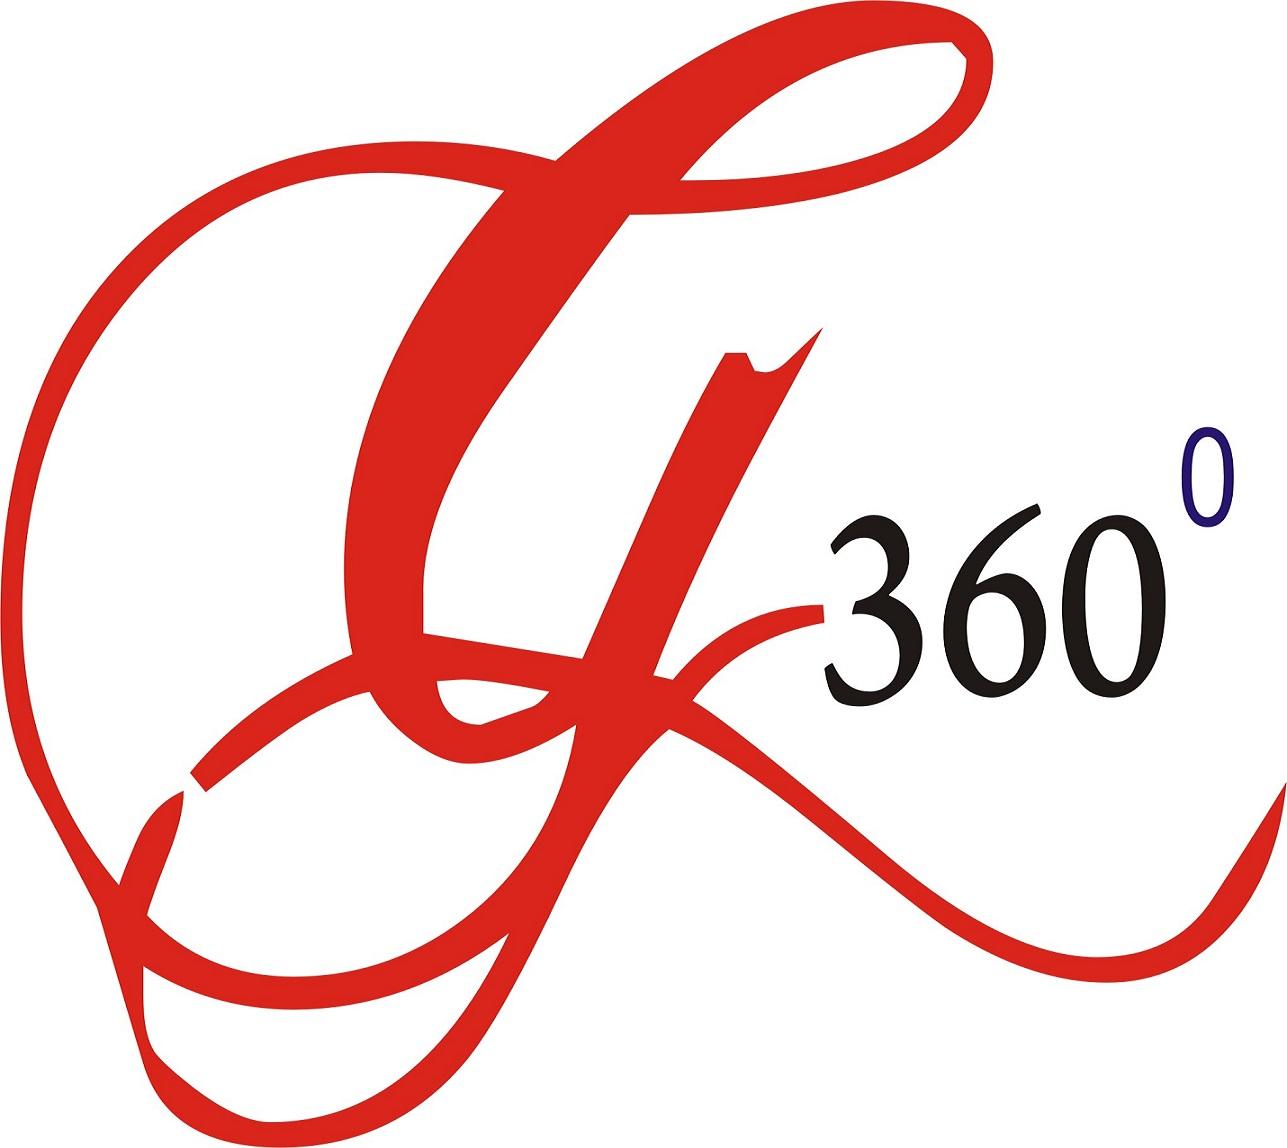 GSR360